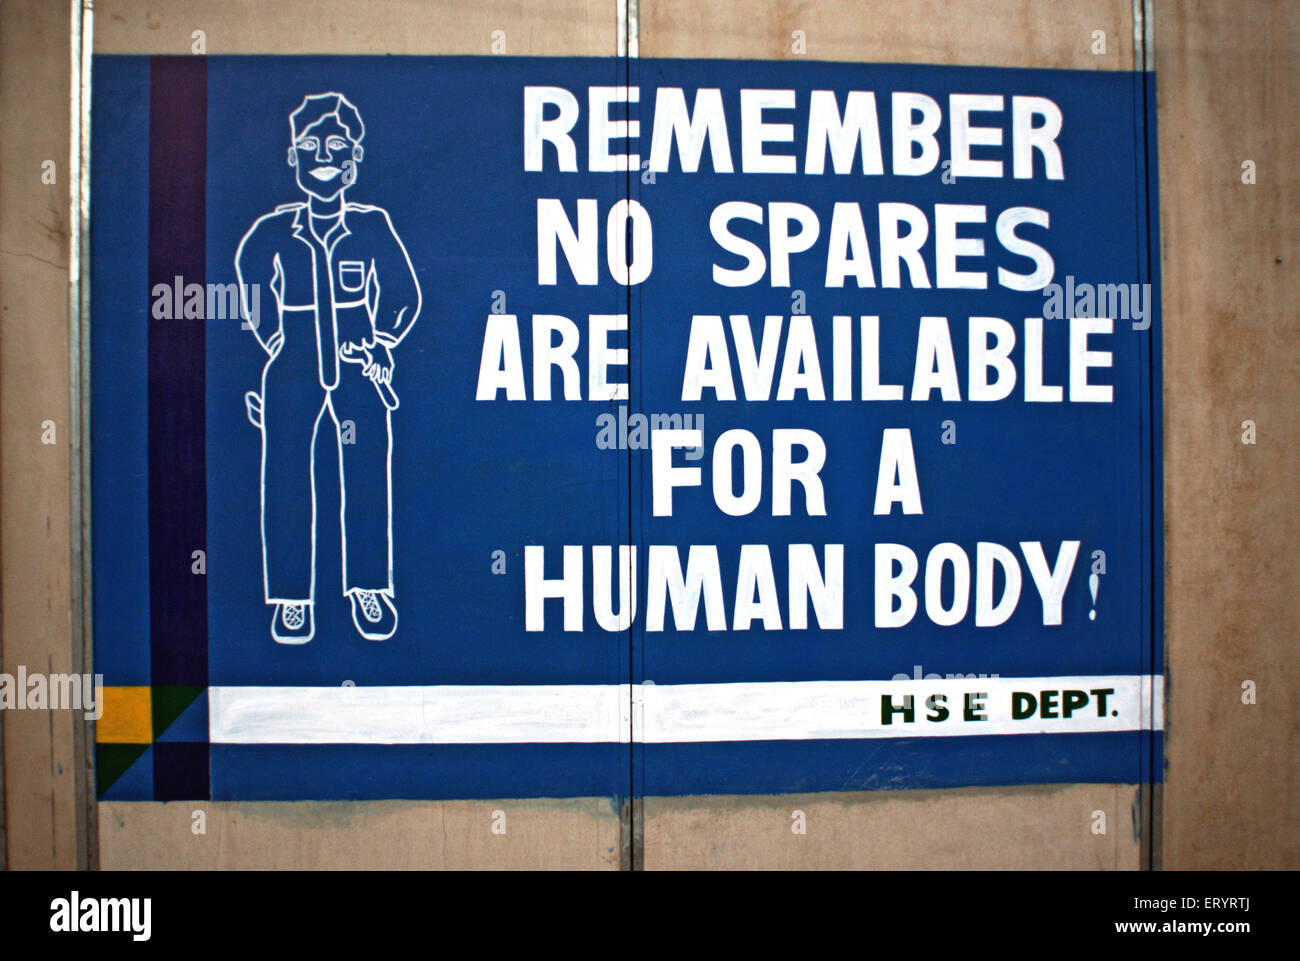 Sicherheit-Tafel des erinnern keine Ersatzteile für körperangepassten an Stelle des Wasserkraft-Projekt Stockbild